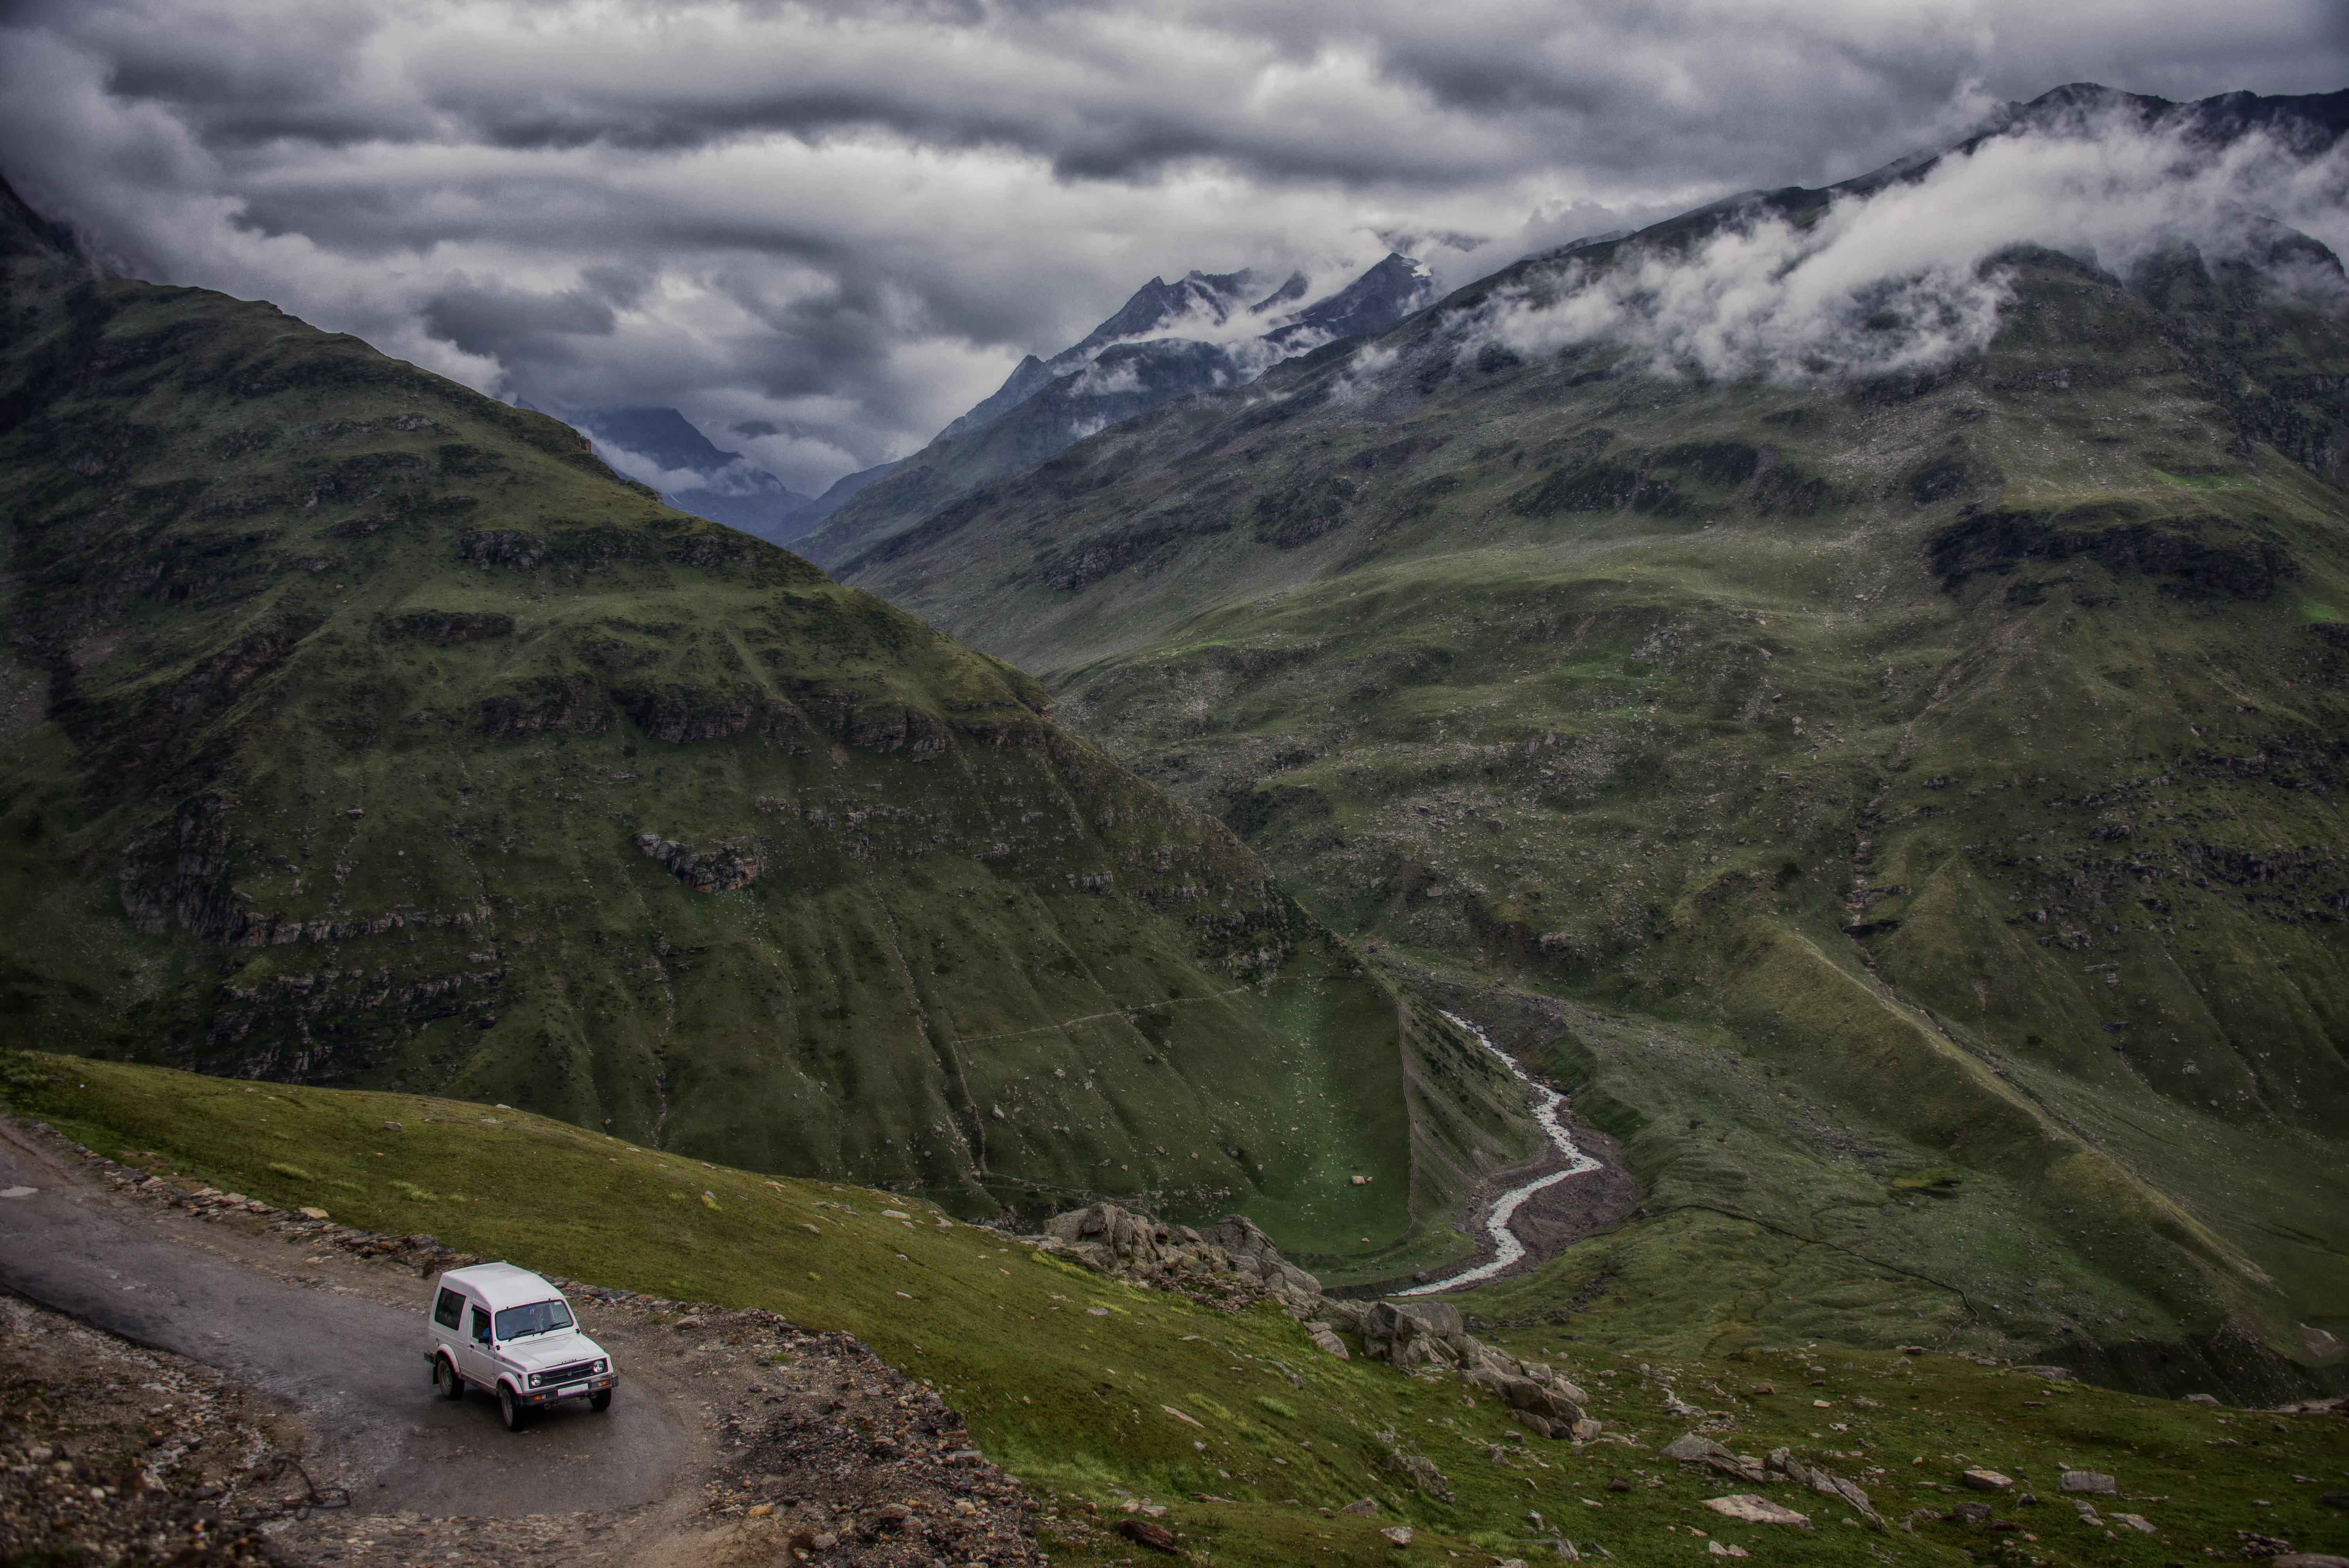 Lush Greenery Of Himalayas